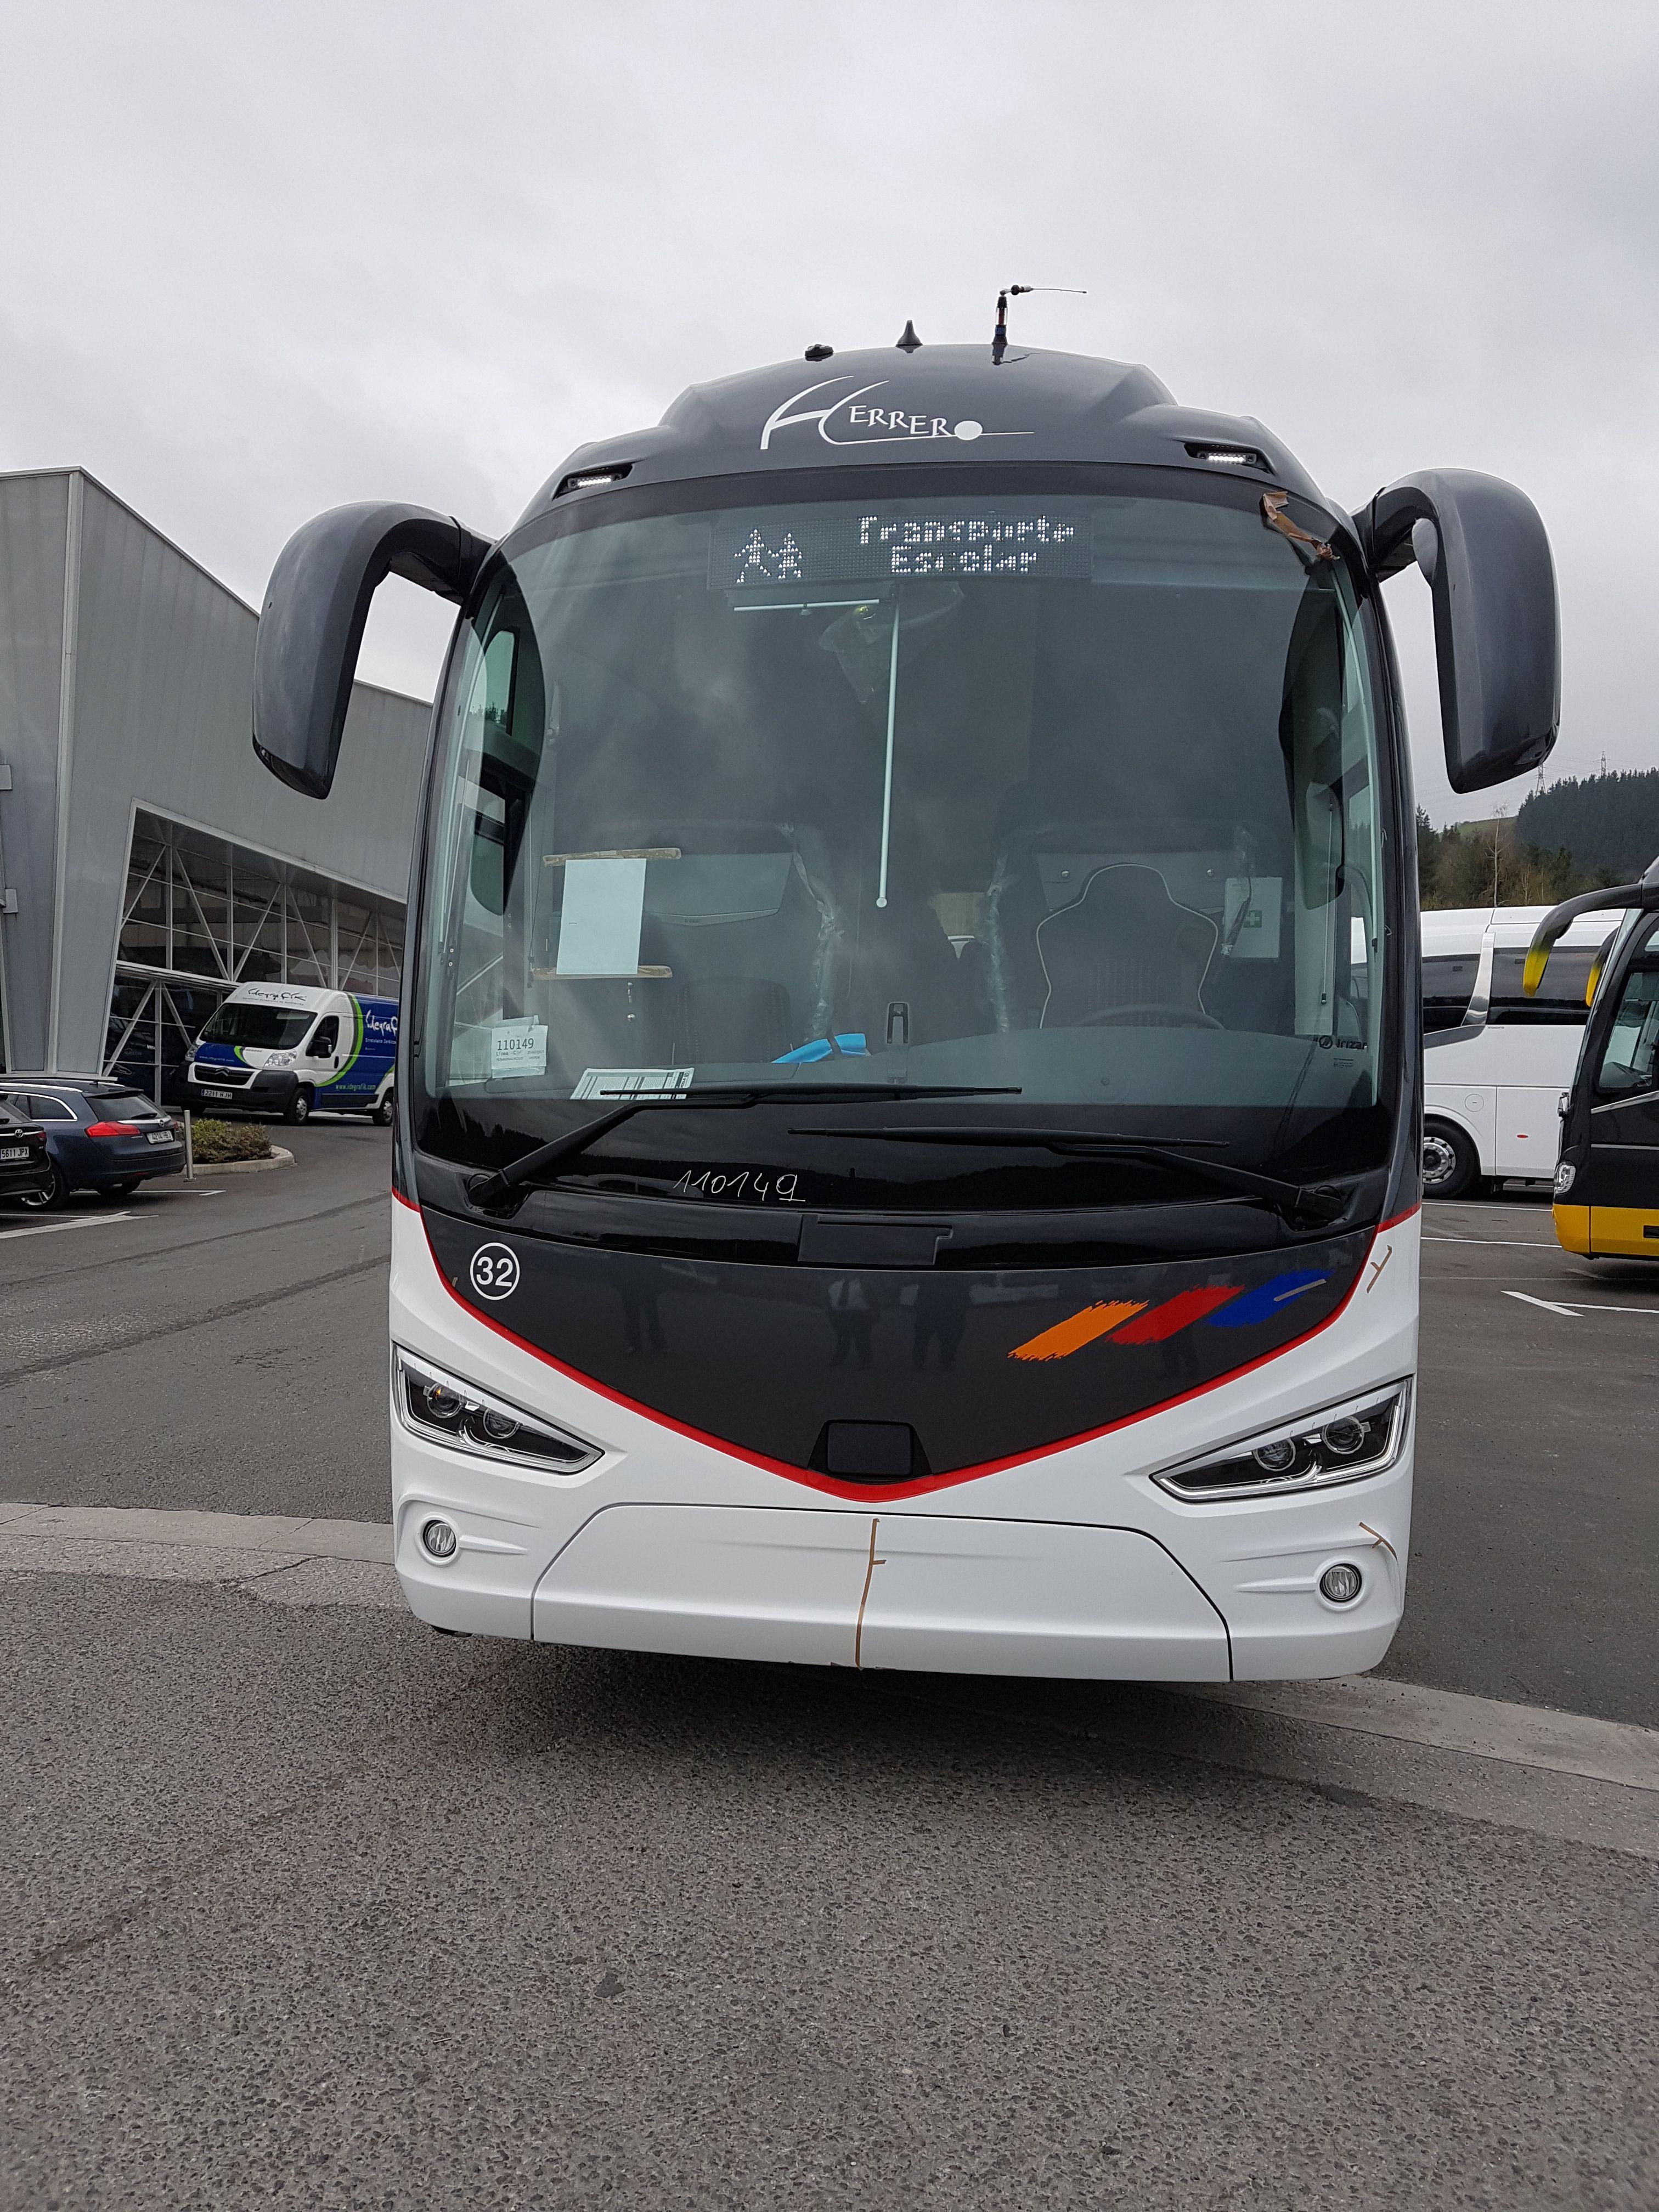 Alquiler de autocares en Palencia con más de 50 años en el sector